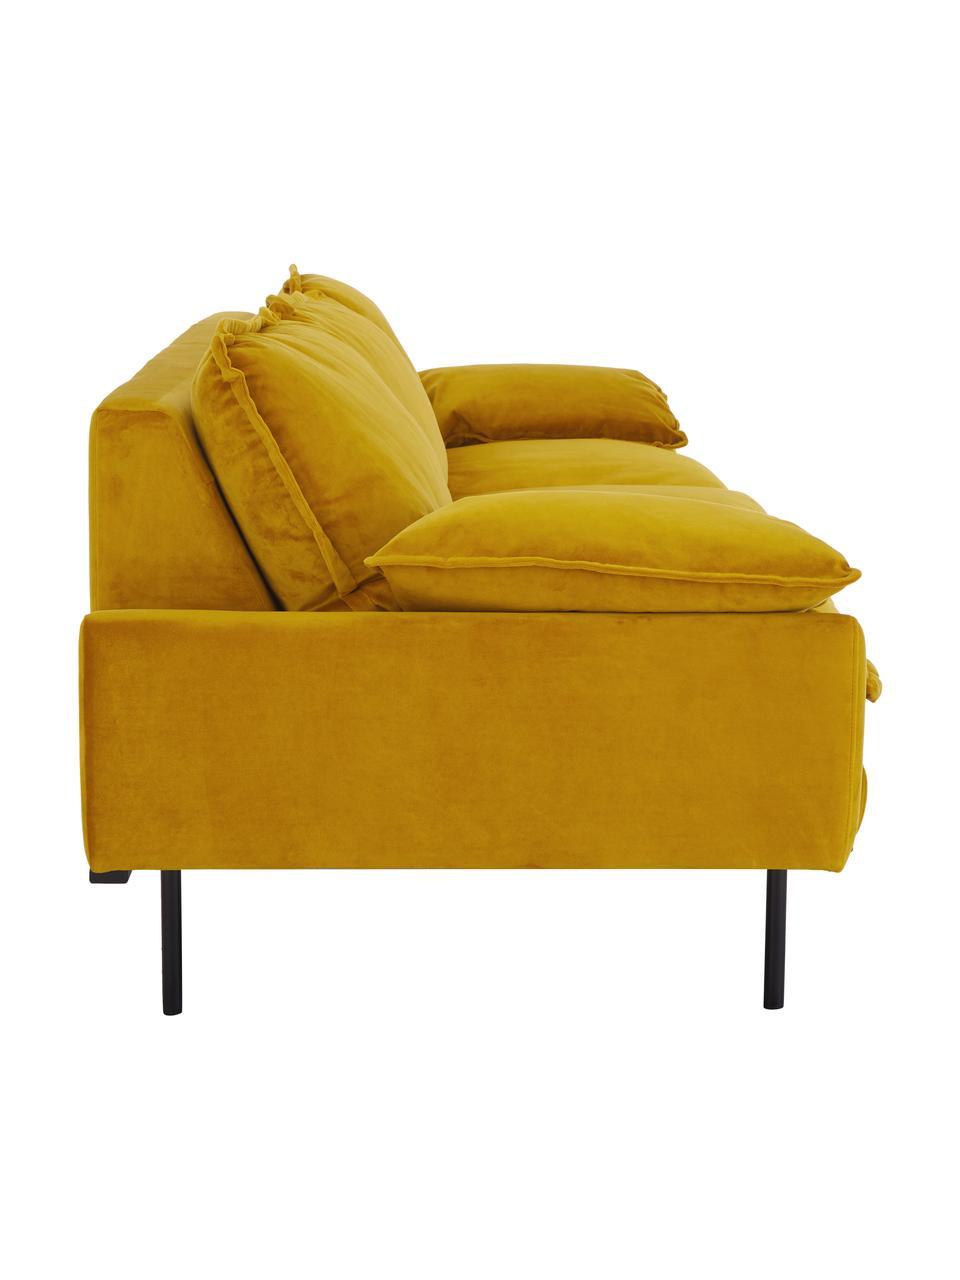 Samt-Sofa Retro (4-Sitzer) in Gelb mit Metall-Füßen, Bezug: Polyestersamt 86.000 Sche, Korpus: Mitteldichte Holzfaserpla, Füße: Metall, pulverbeschichtet, Samt Ocker, B 245 x T 83 cm